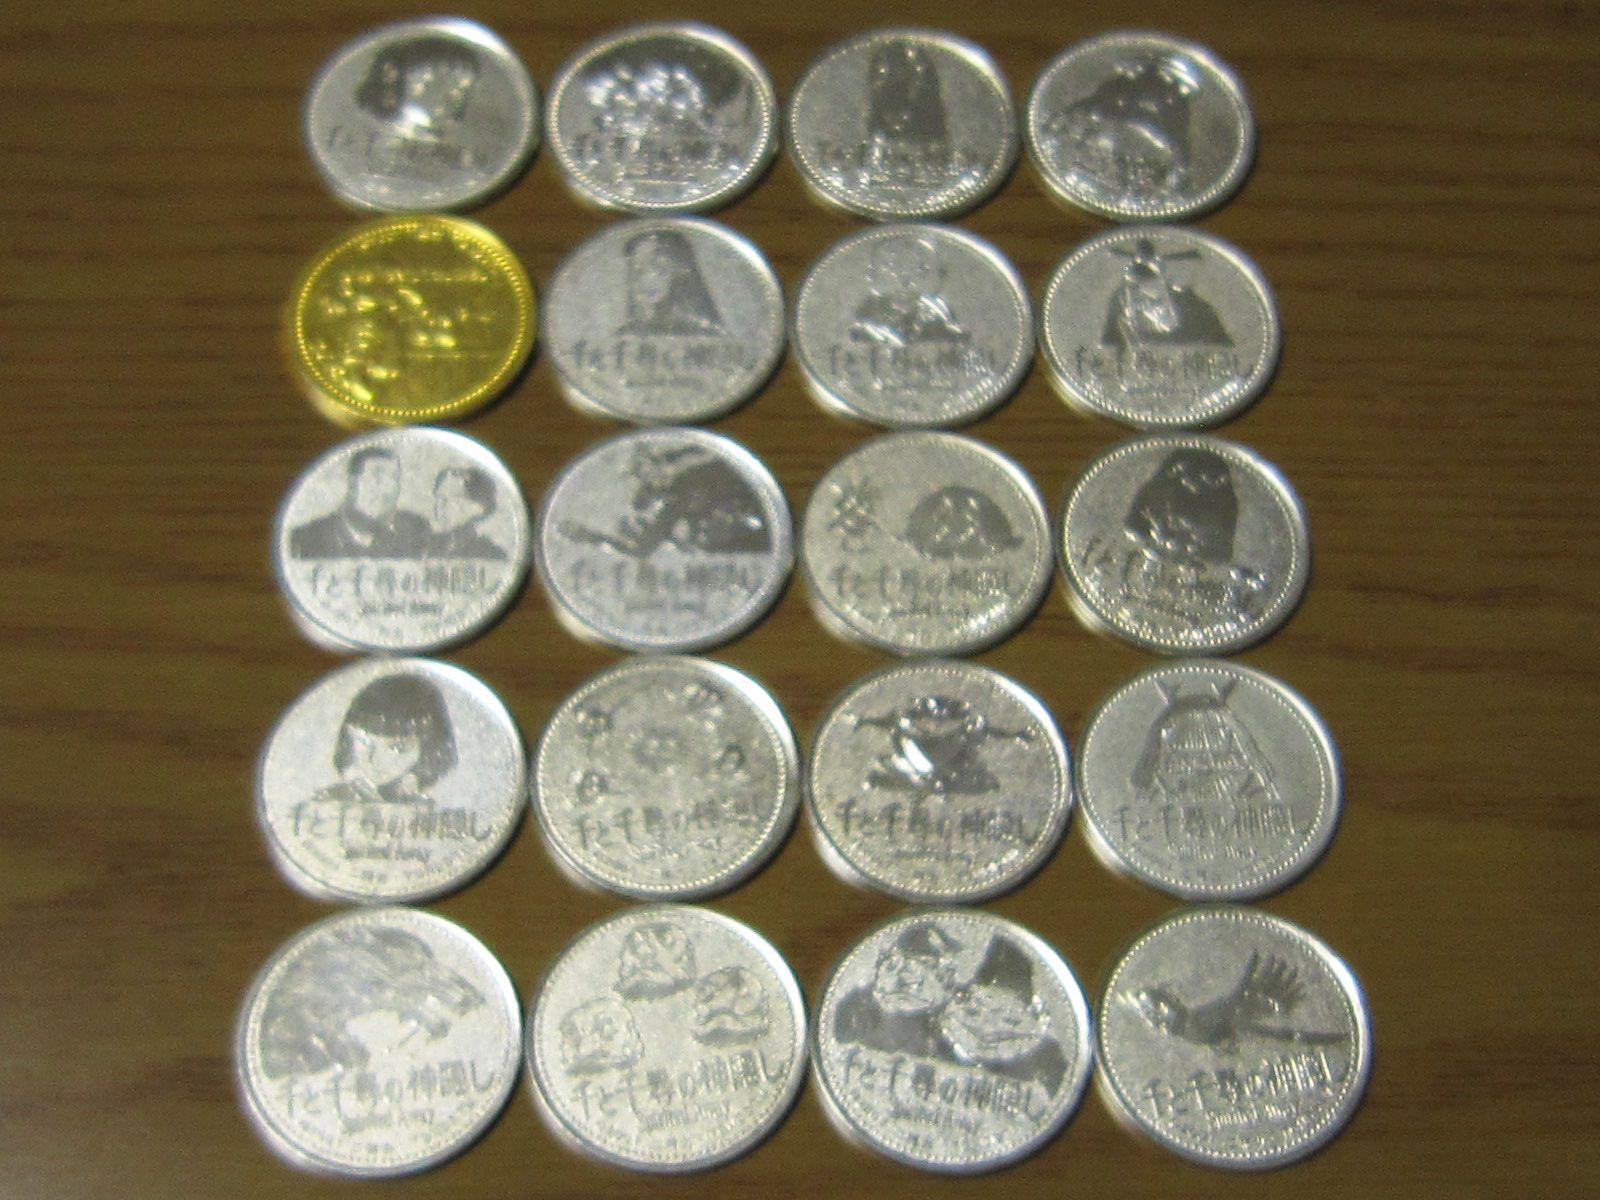 週刊 ジブリグッズコレクション 16 千と千尋の神隠し オリジナルコイン Met Afbeeldingen